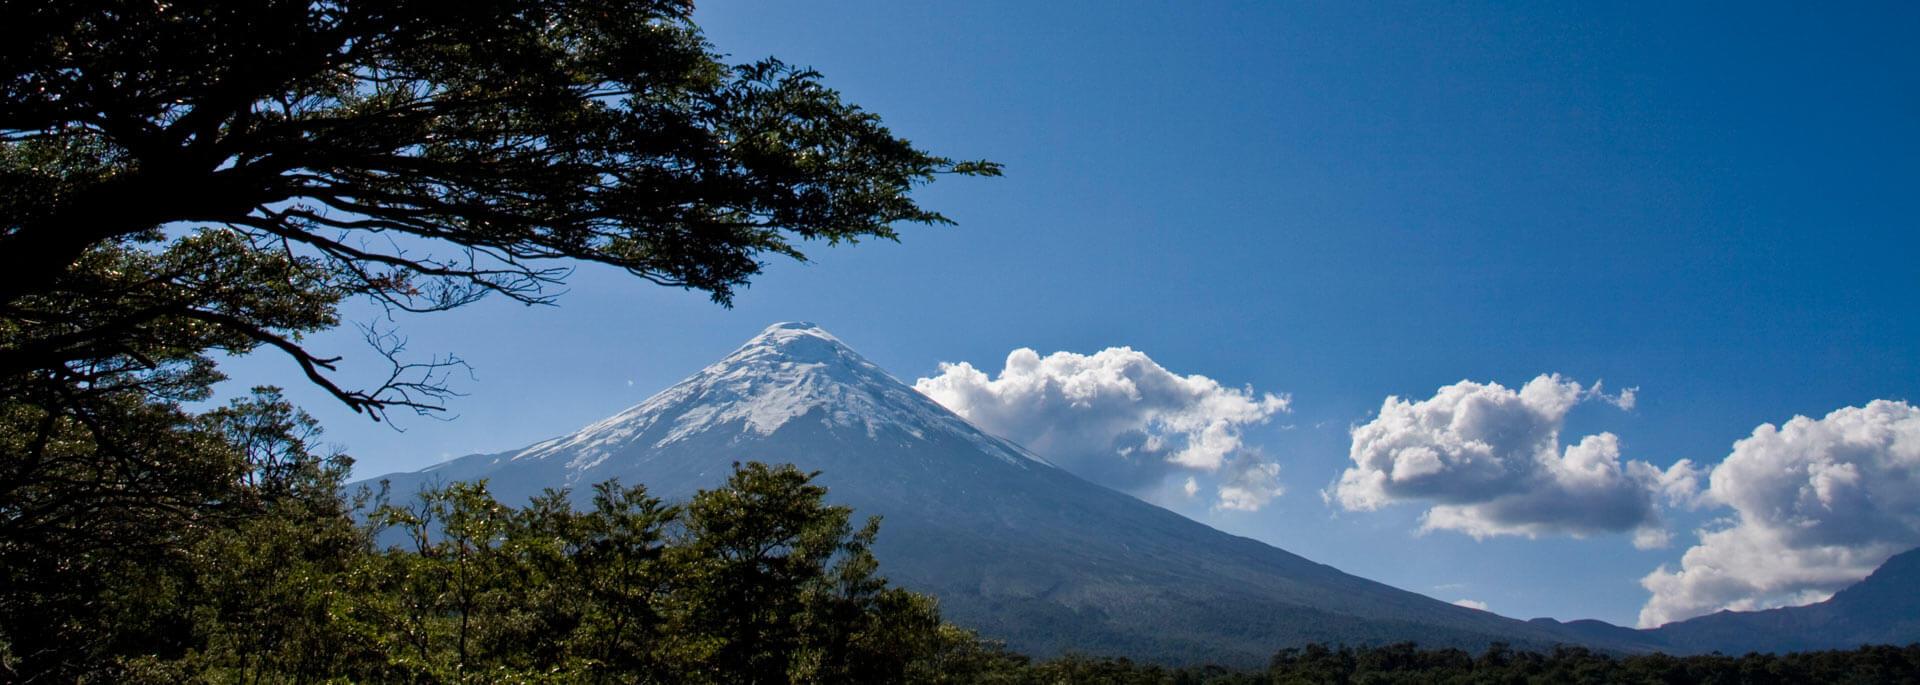 Wie ich per Seilbahn auf den Osorno fuhr und dann nach unten laufen musste